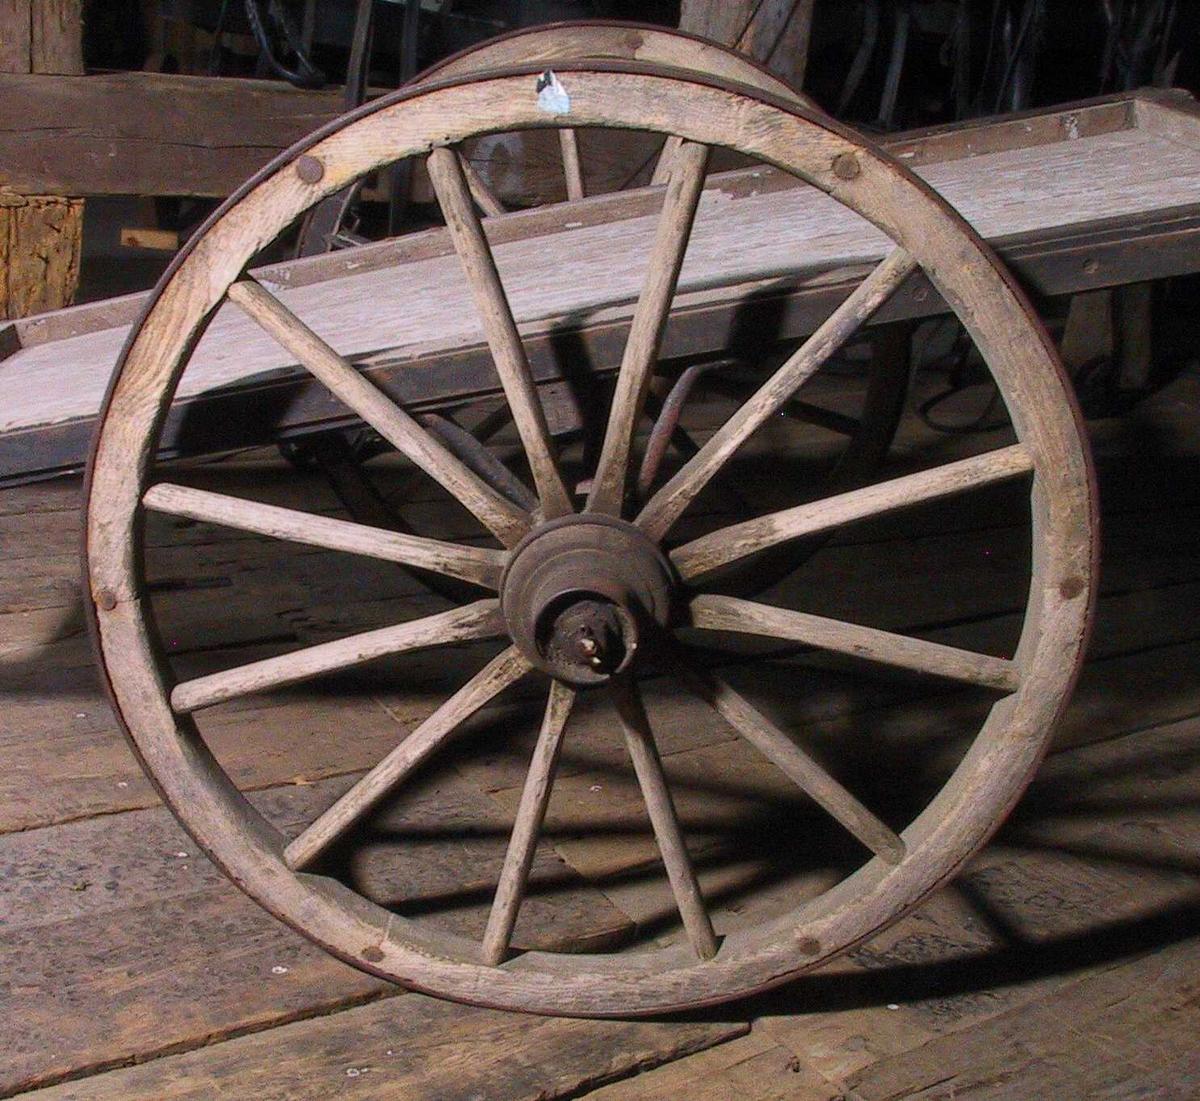 Håndkjerre av tre, opprinnelig sortmalte skjeker , innvendig opprinnelig malt lys gråblå. Håndkjerre med  to store hjul , som går høyere enn  kassen , som er  rektangulær, med  jernbeslag langs sidene og jernbeslag oppå kanten bak og på sidene bak. Hjulene har 12 eker. Tilstand: slitt, ellers bra.